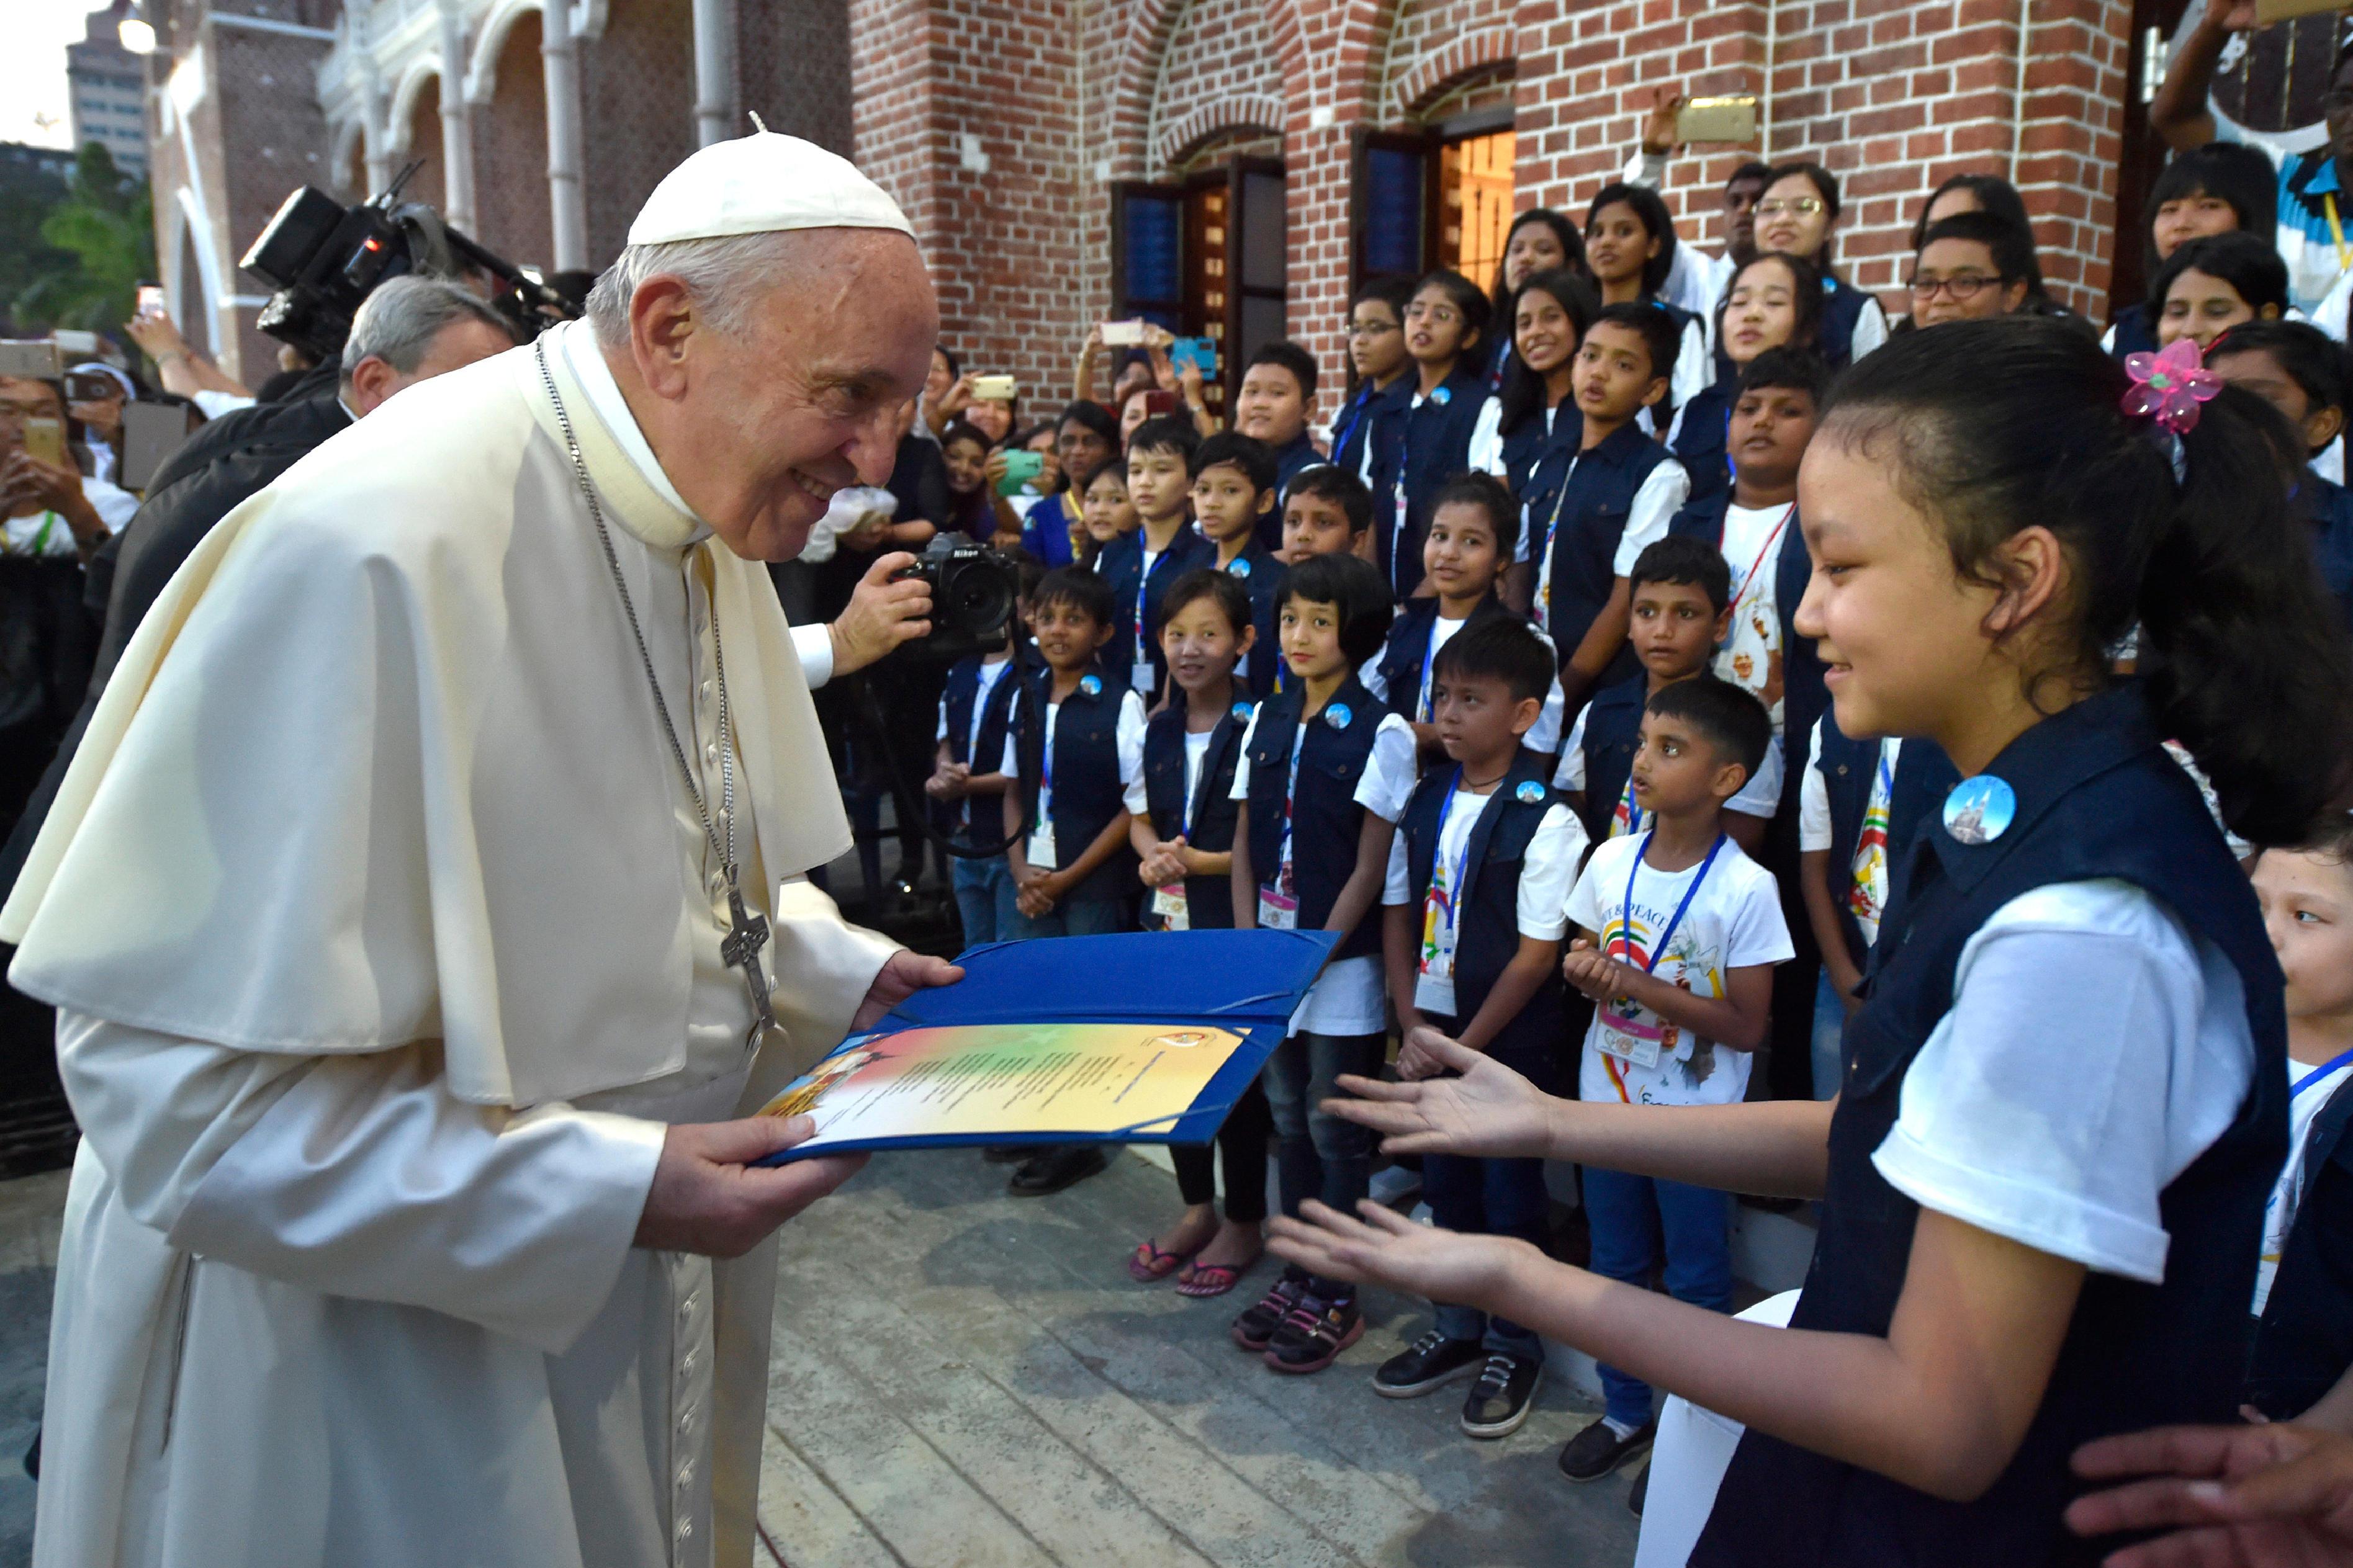 El Papa saluda a un grupo de niños en Yangon, Myanmar © L'Osservatore Romano